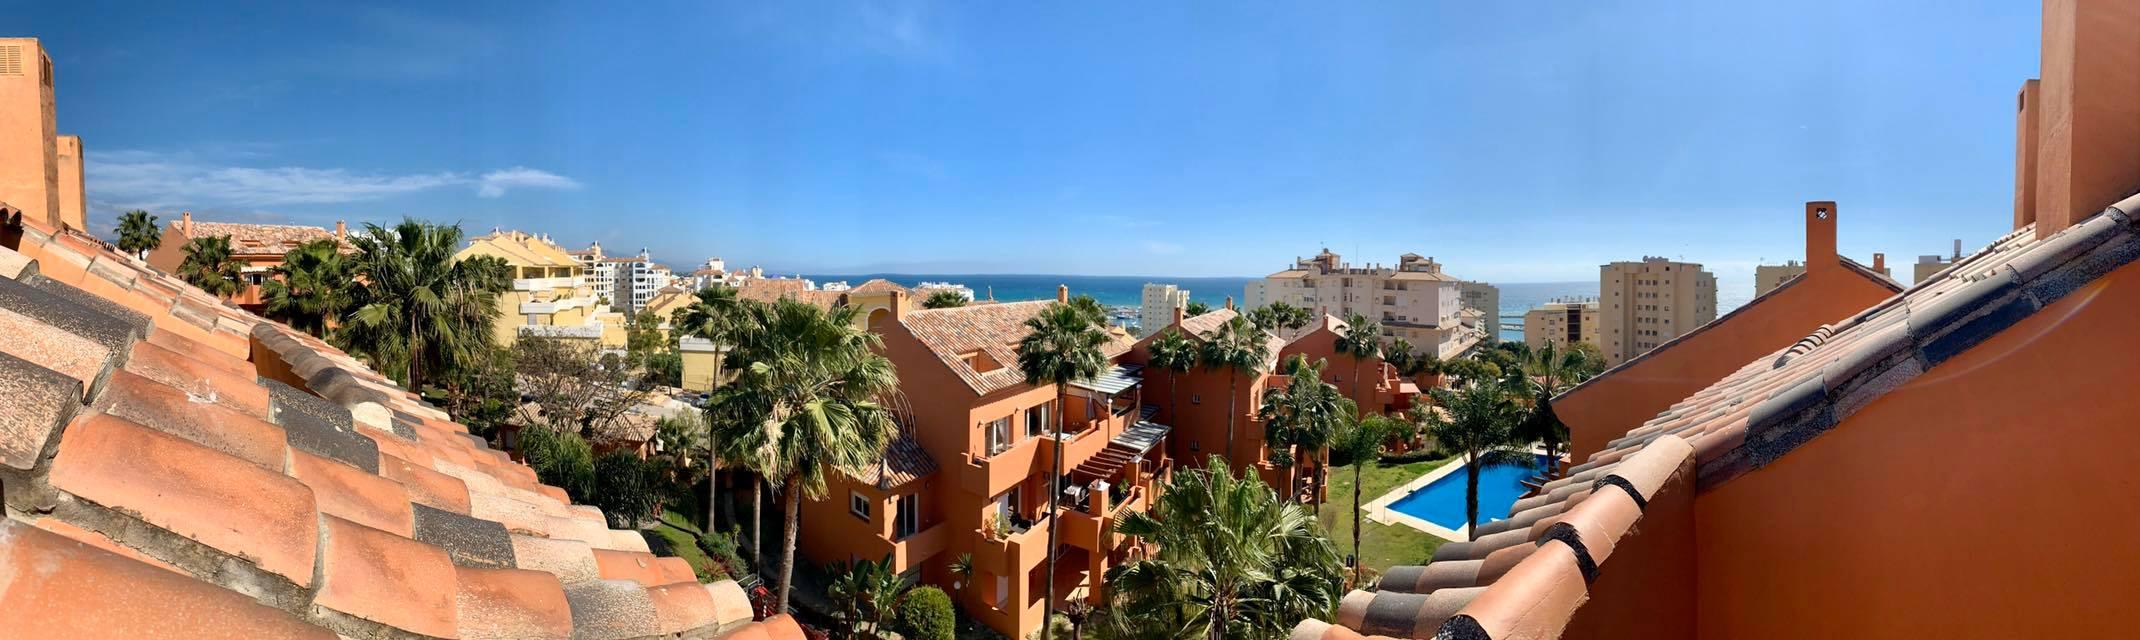 La Fragata - spacious apartment Estepona Puerto - Playa del Christo 1